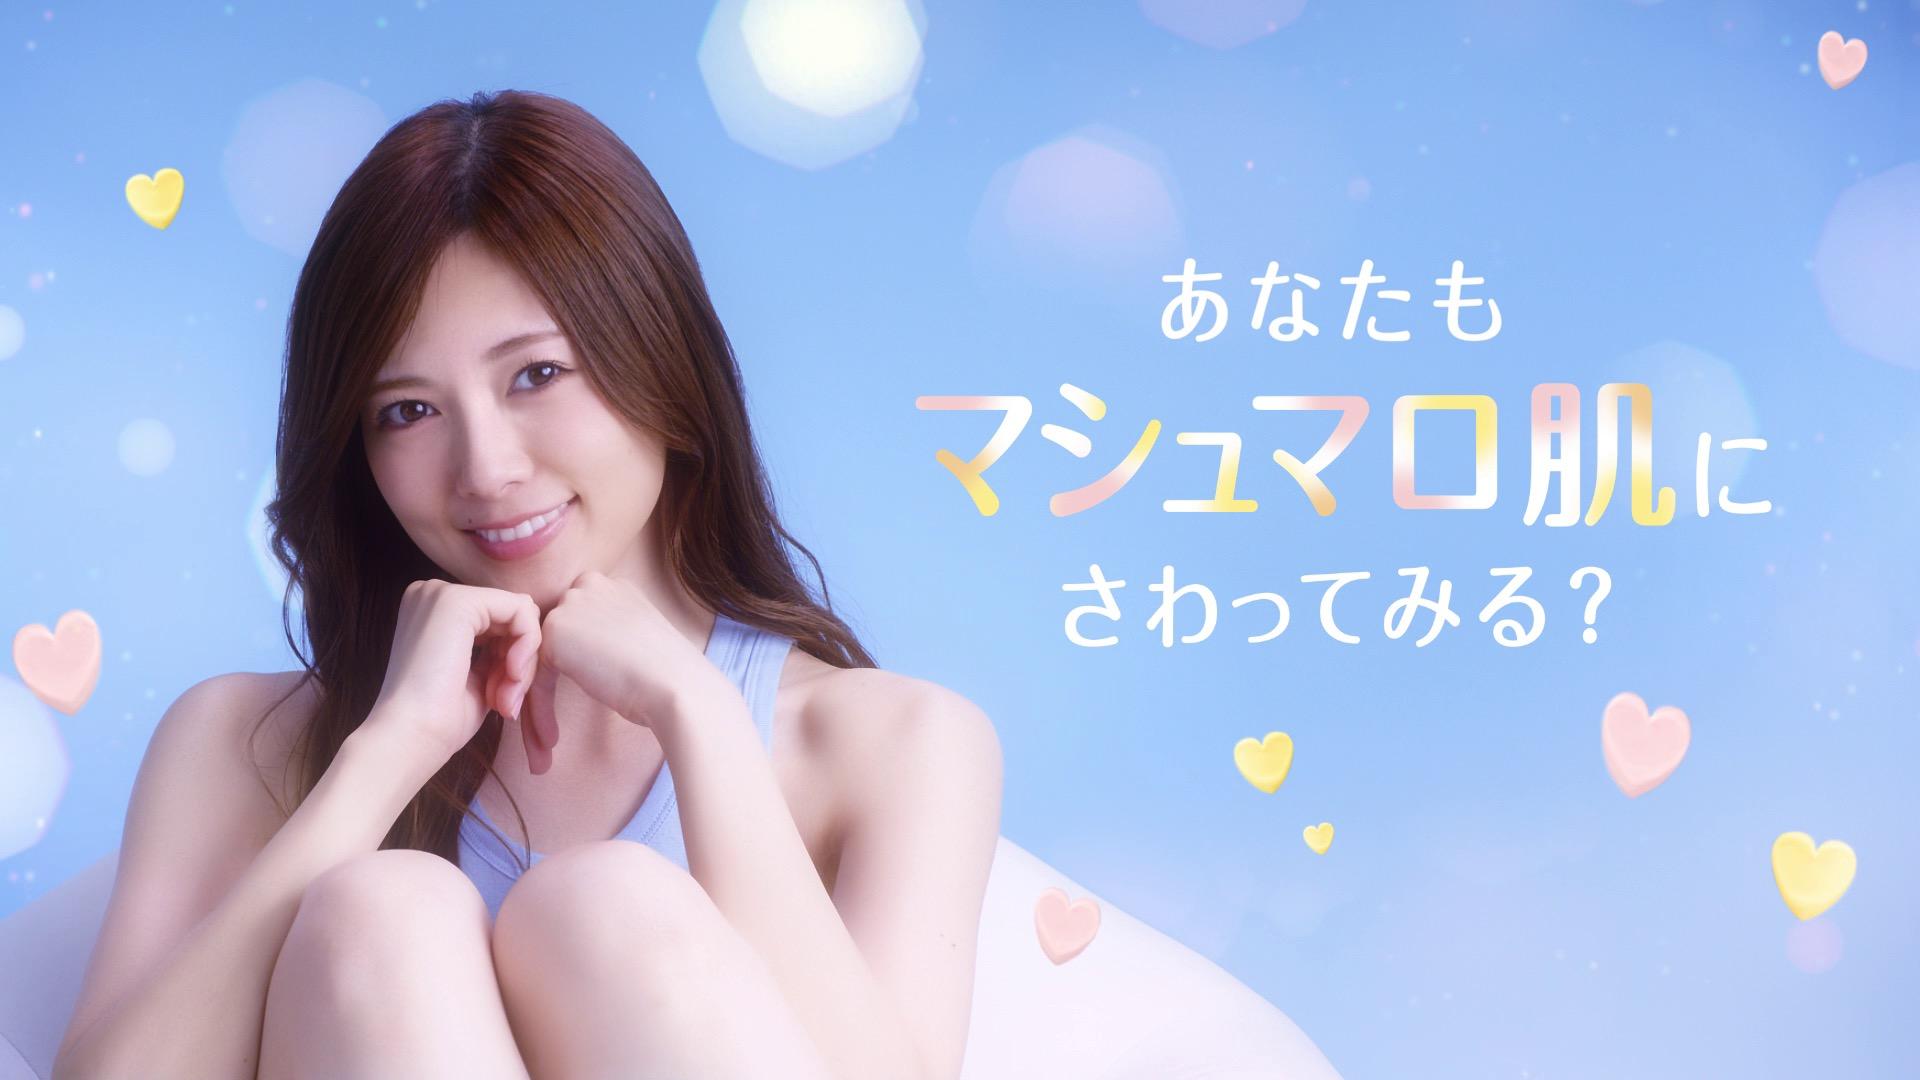 ニベアWEB限定動画「乃木坂46 白石麻衣のマシュマロ肌タッチ!?」